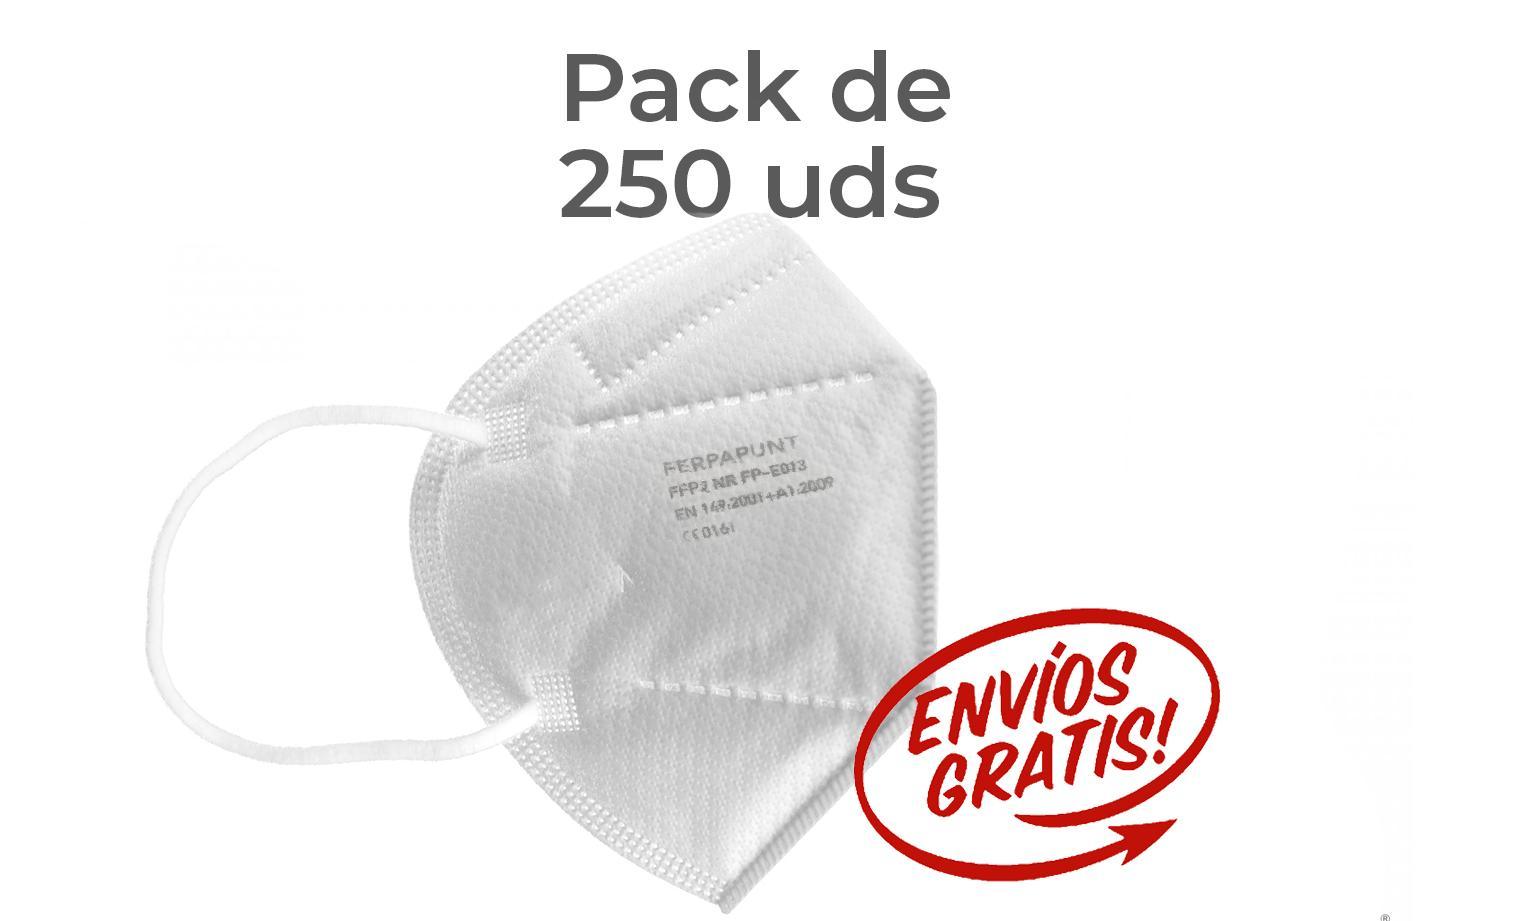 FFP2 NR Ferpa Punt Pack 250 *PORTES GRATIS*